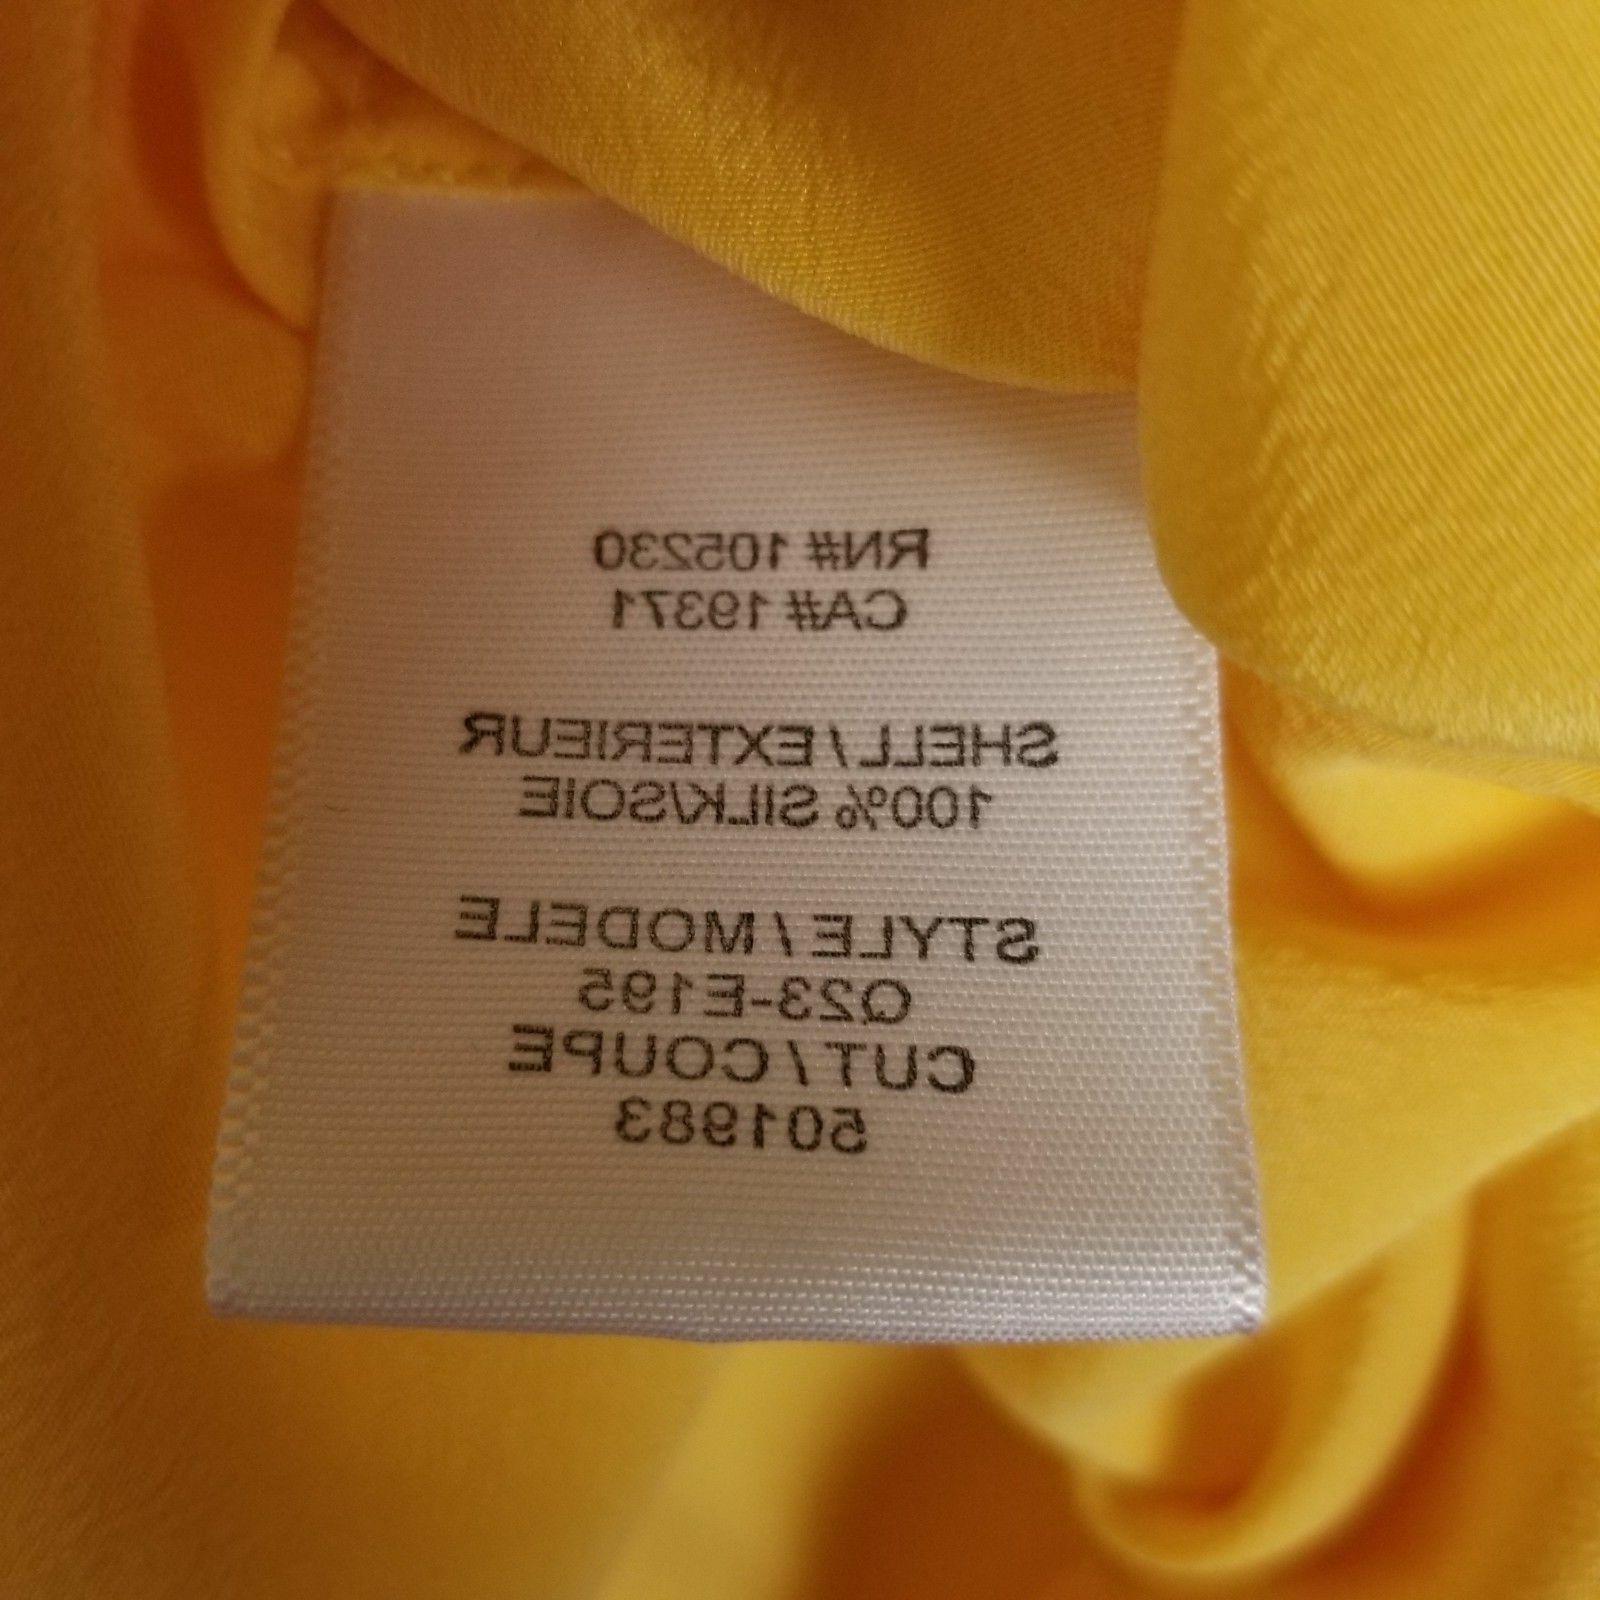 Equipment Femme Yellow Silk Blouse Top